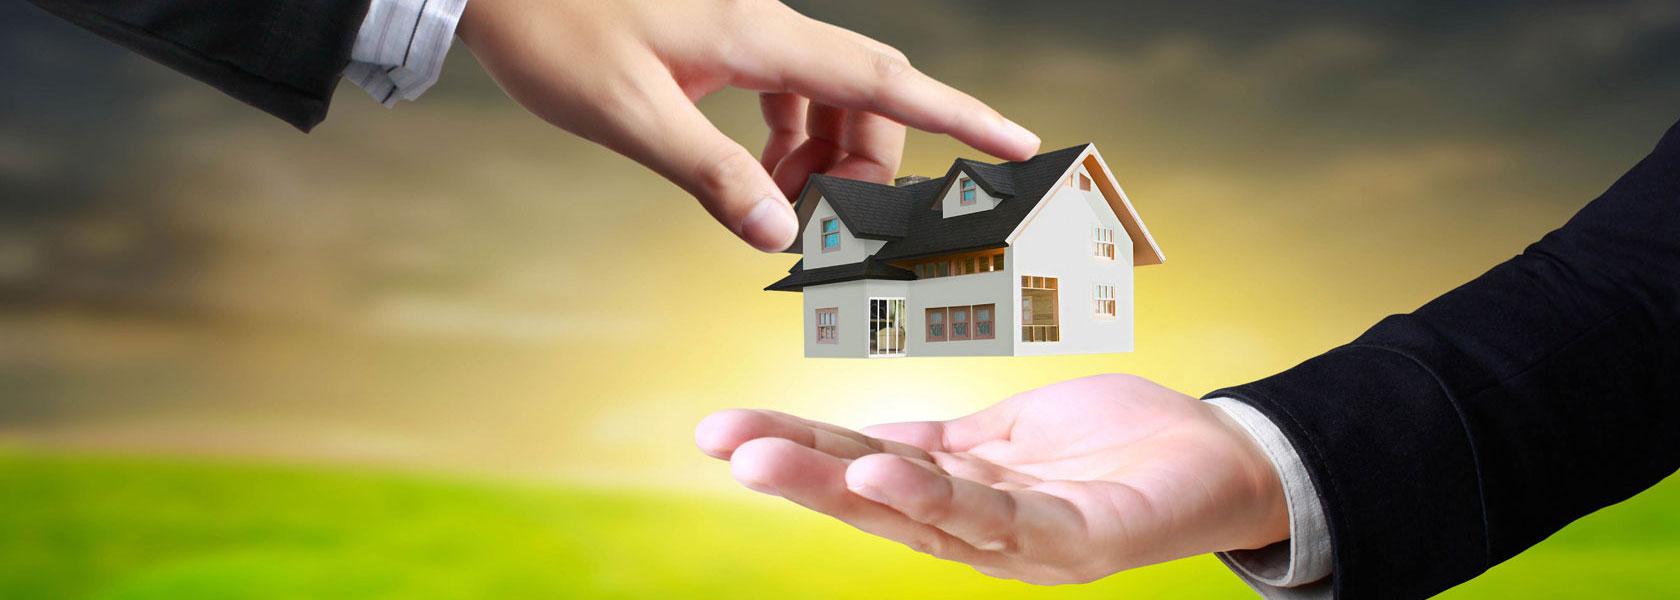 Можно ли квартиру оформить на одного человека, а ипотеку на другого